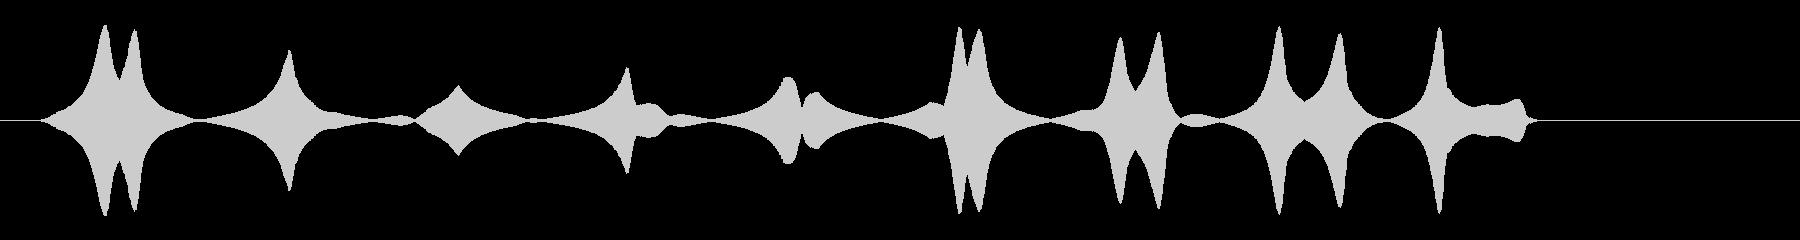 ピルルル・・・(可愛らしい小鳥の声)の未再生の波形